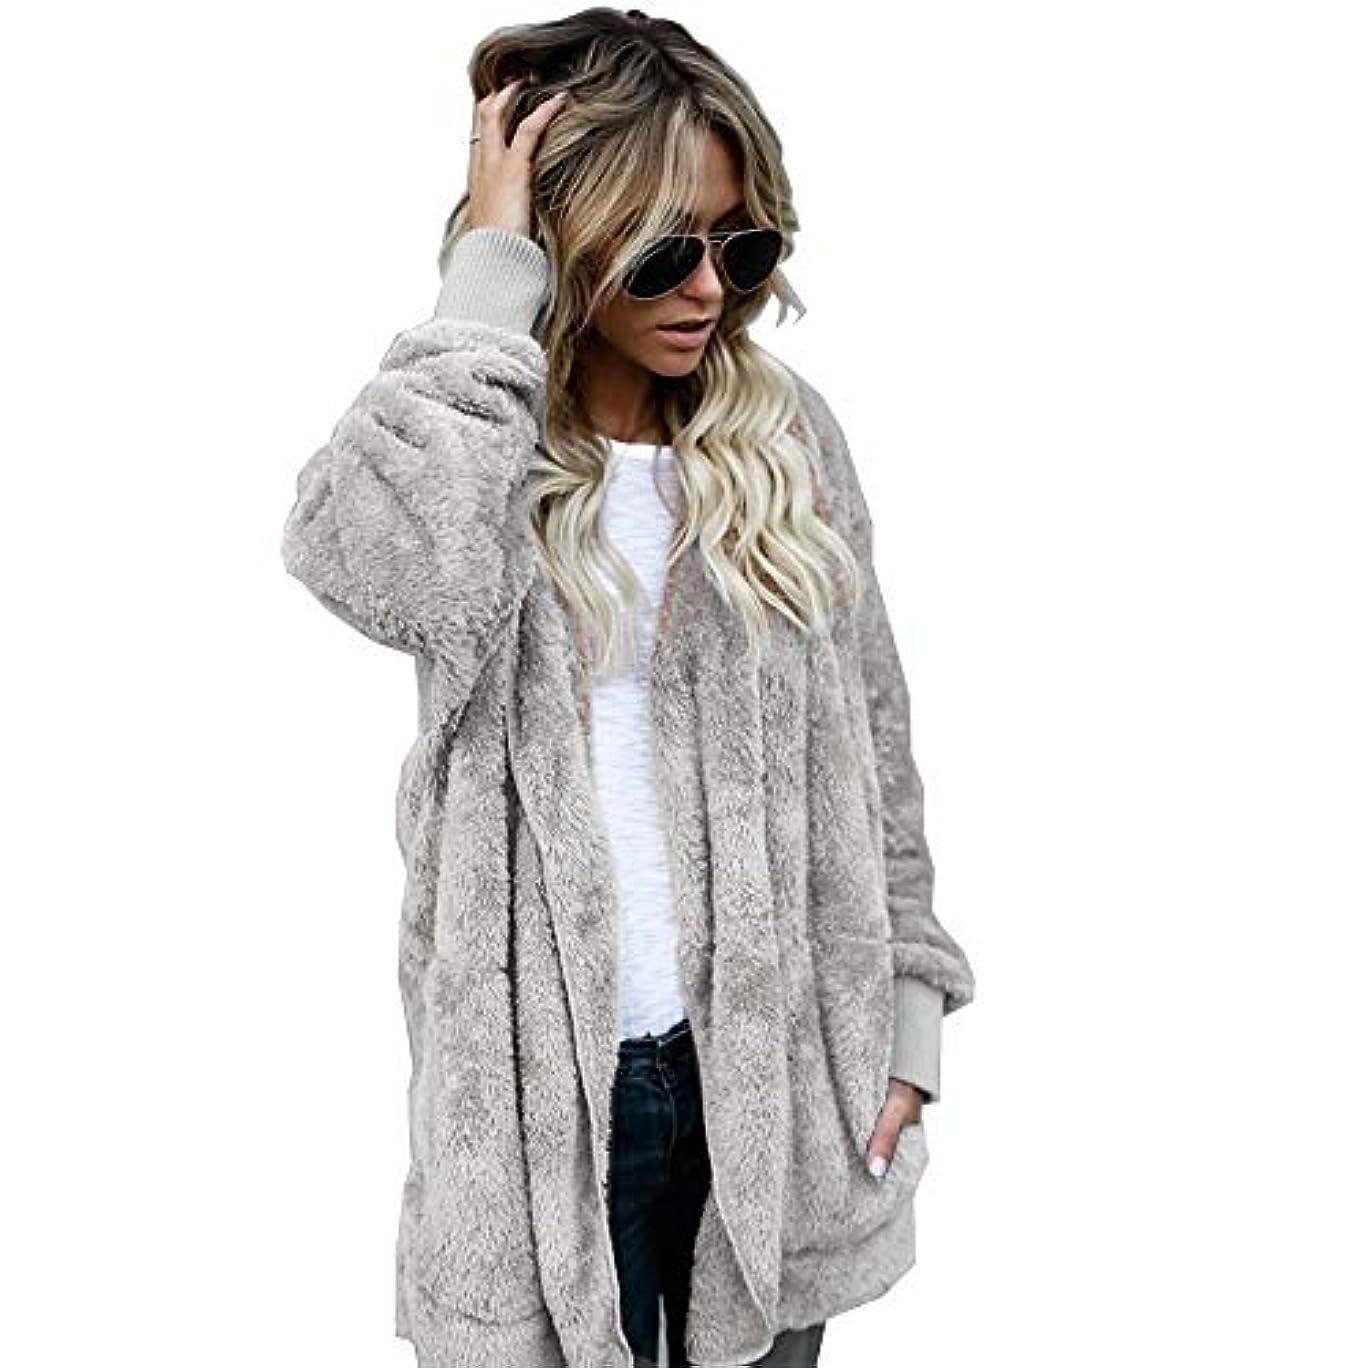 神経アンドリューハリディ皮MIFAN 長袖パーカー、冬のコート、女性のコート、女性の緩い厚く暖かいフェイクファーフード付きカーディガン